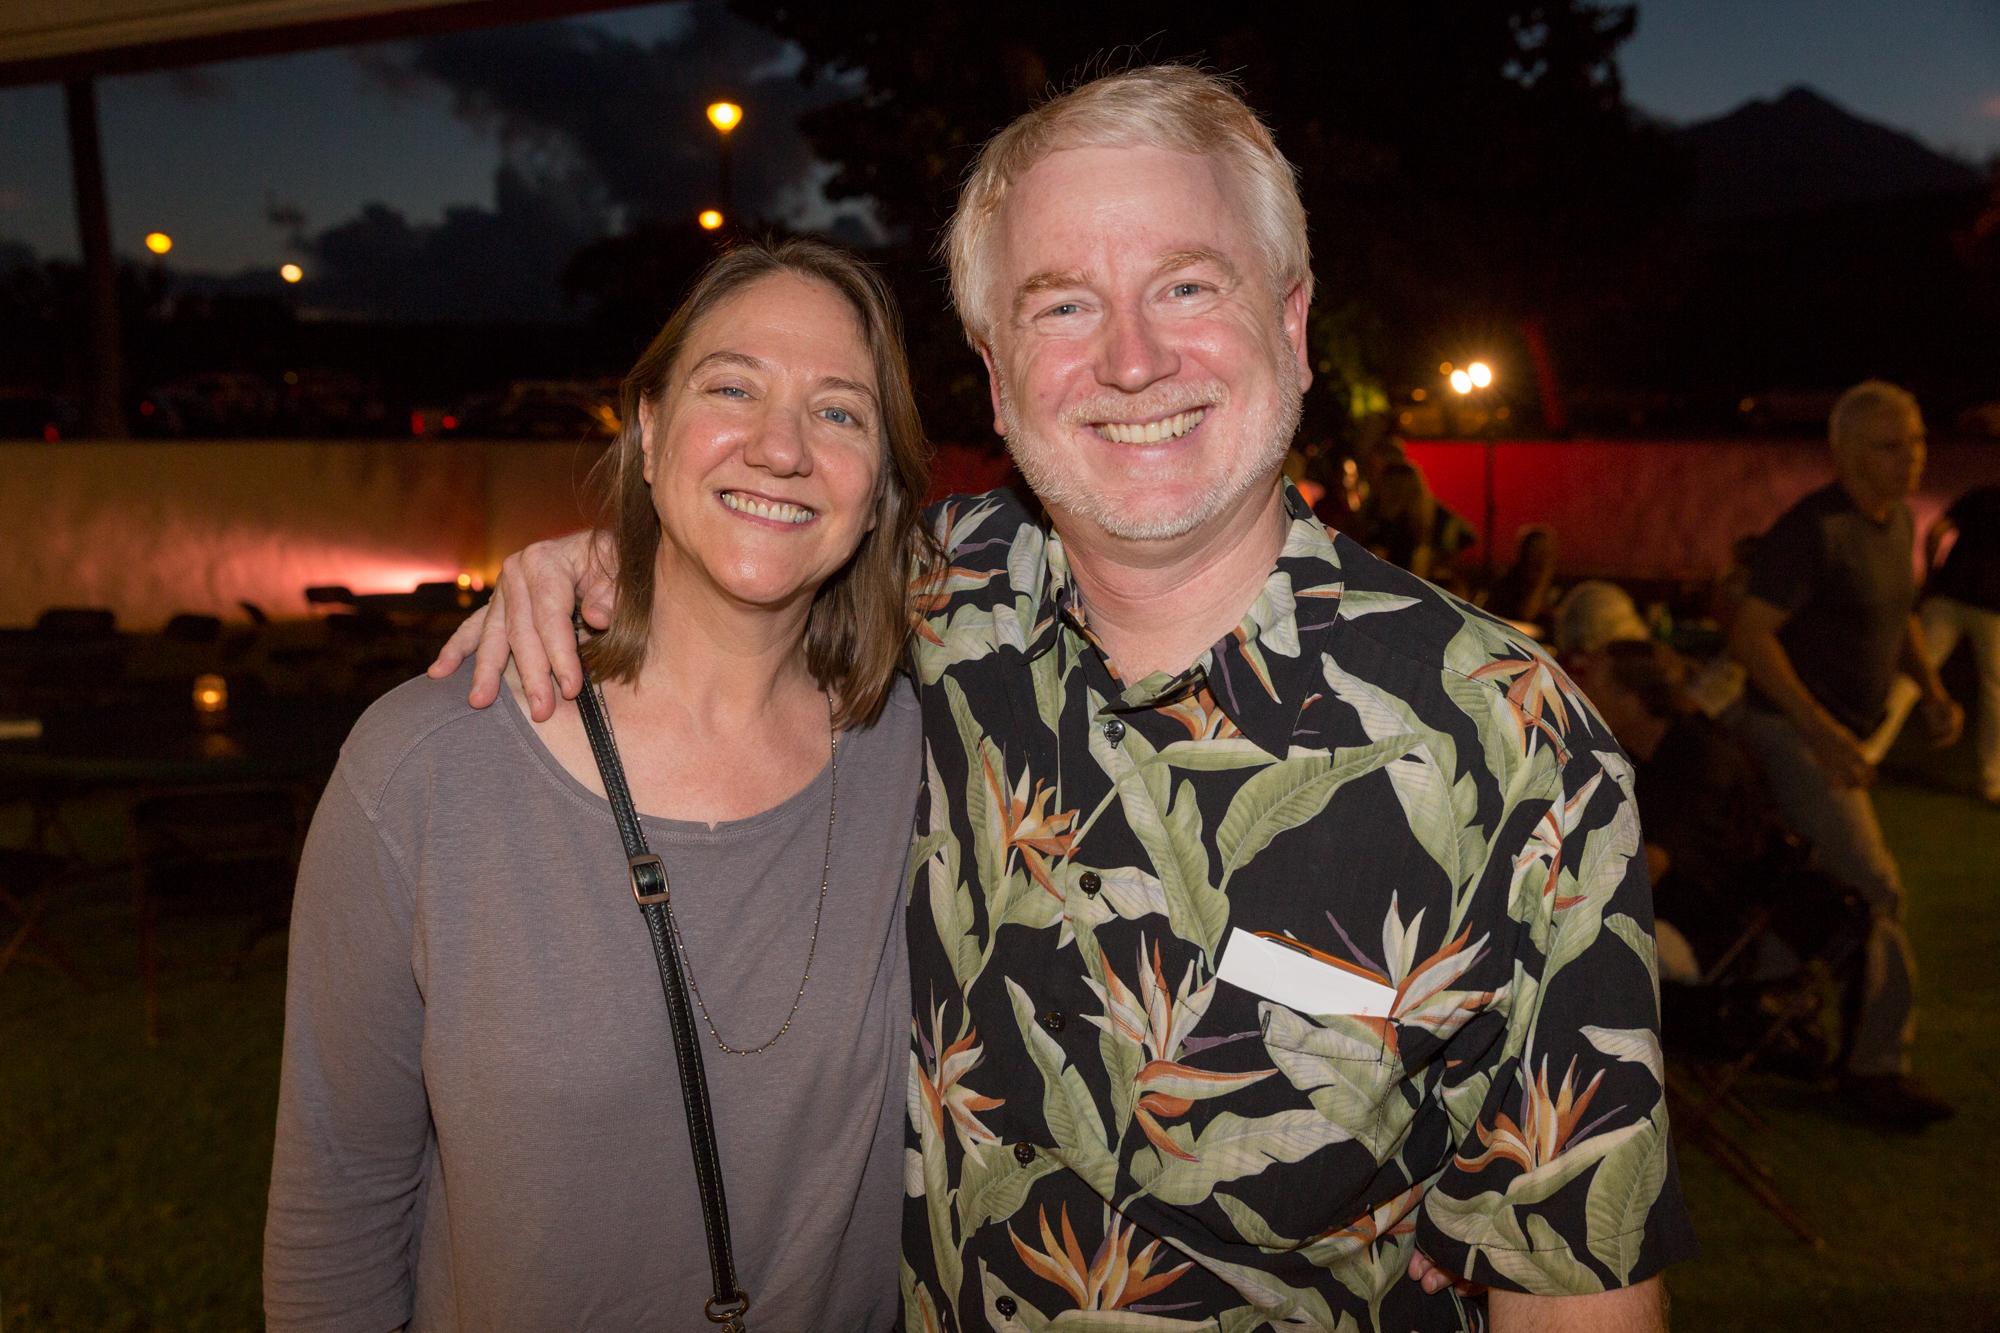 Conservancy President Matt Schwartz and wife Karen